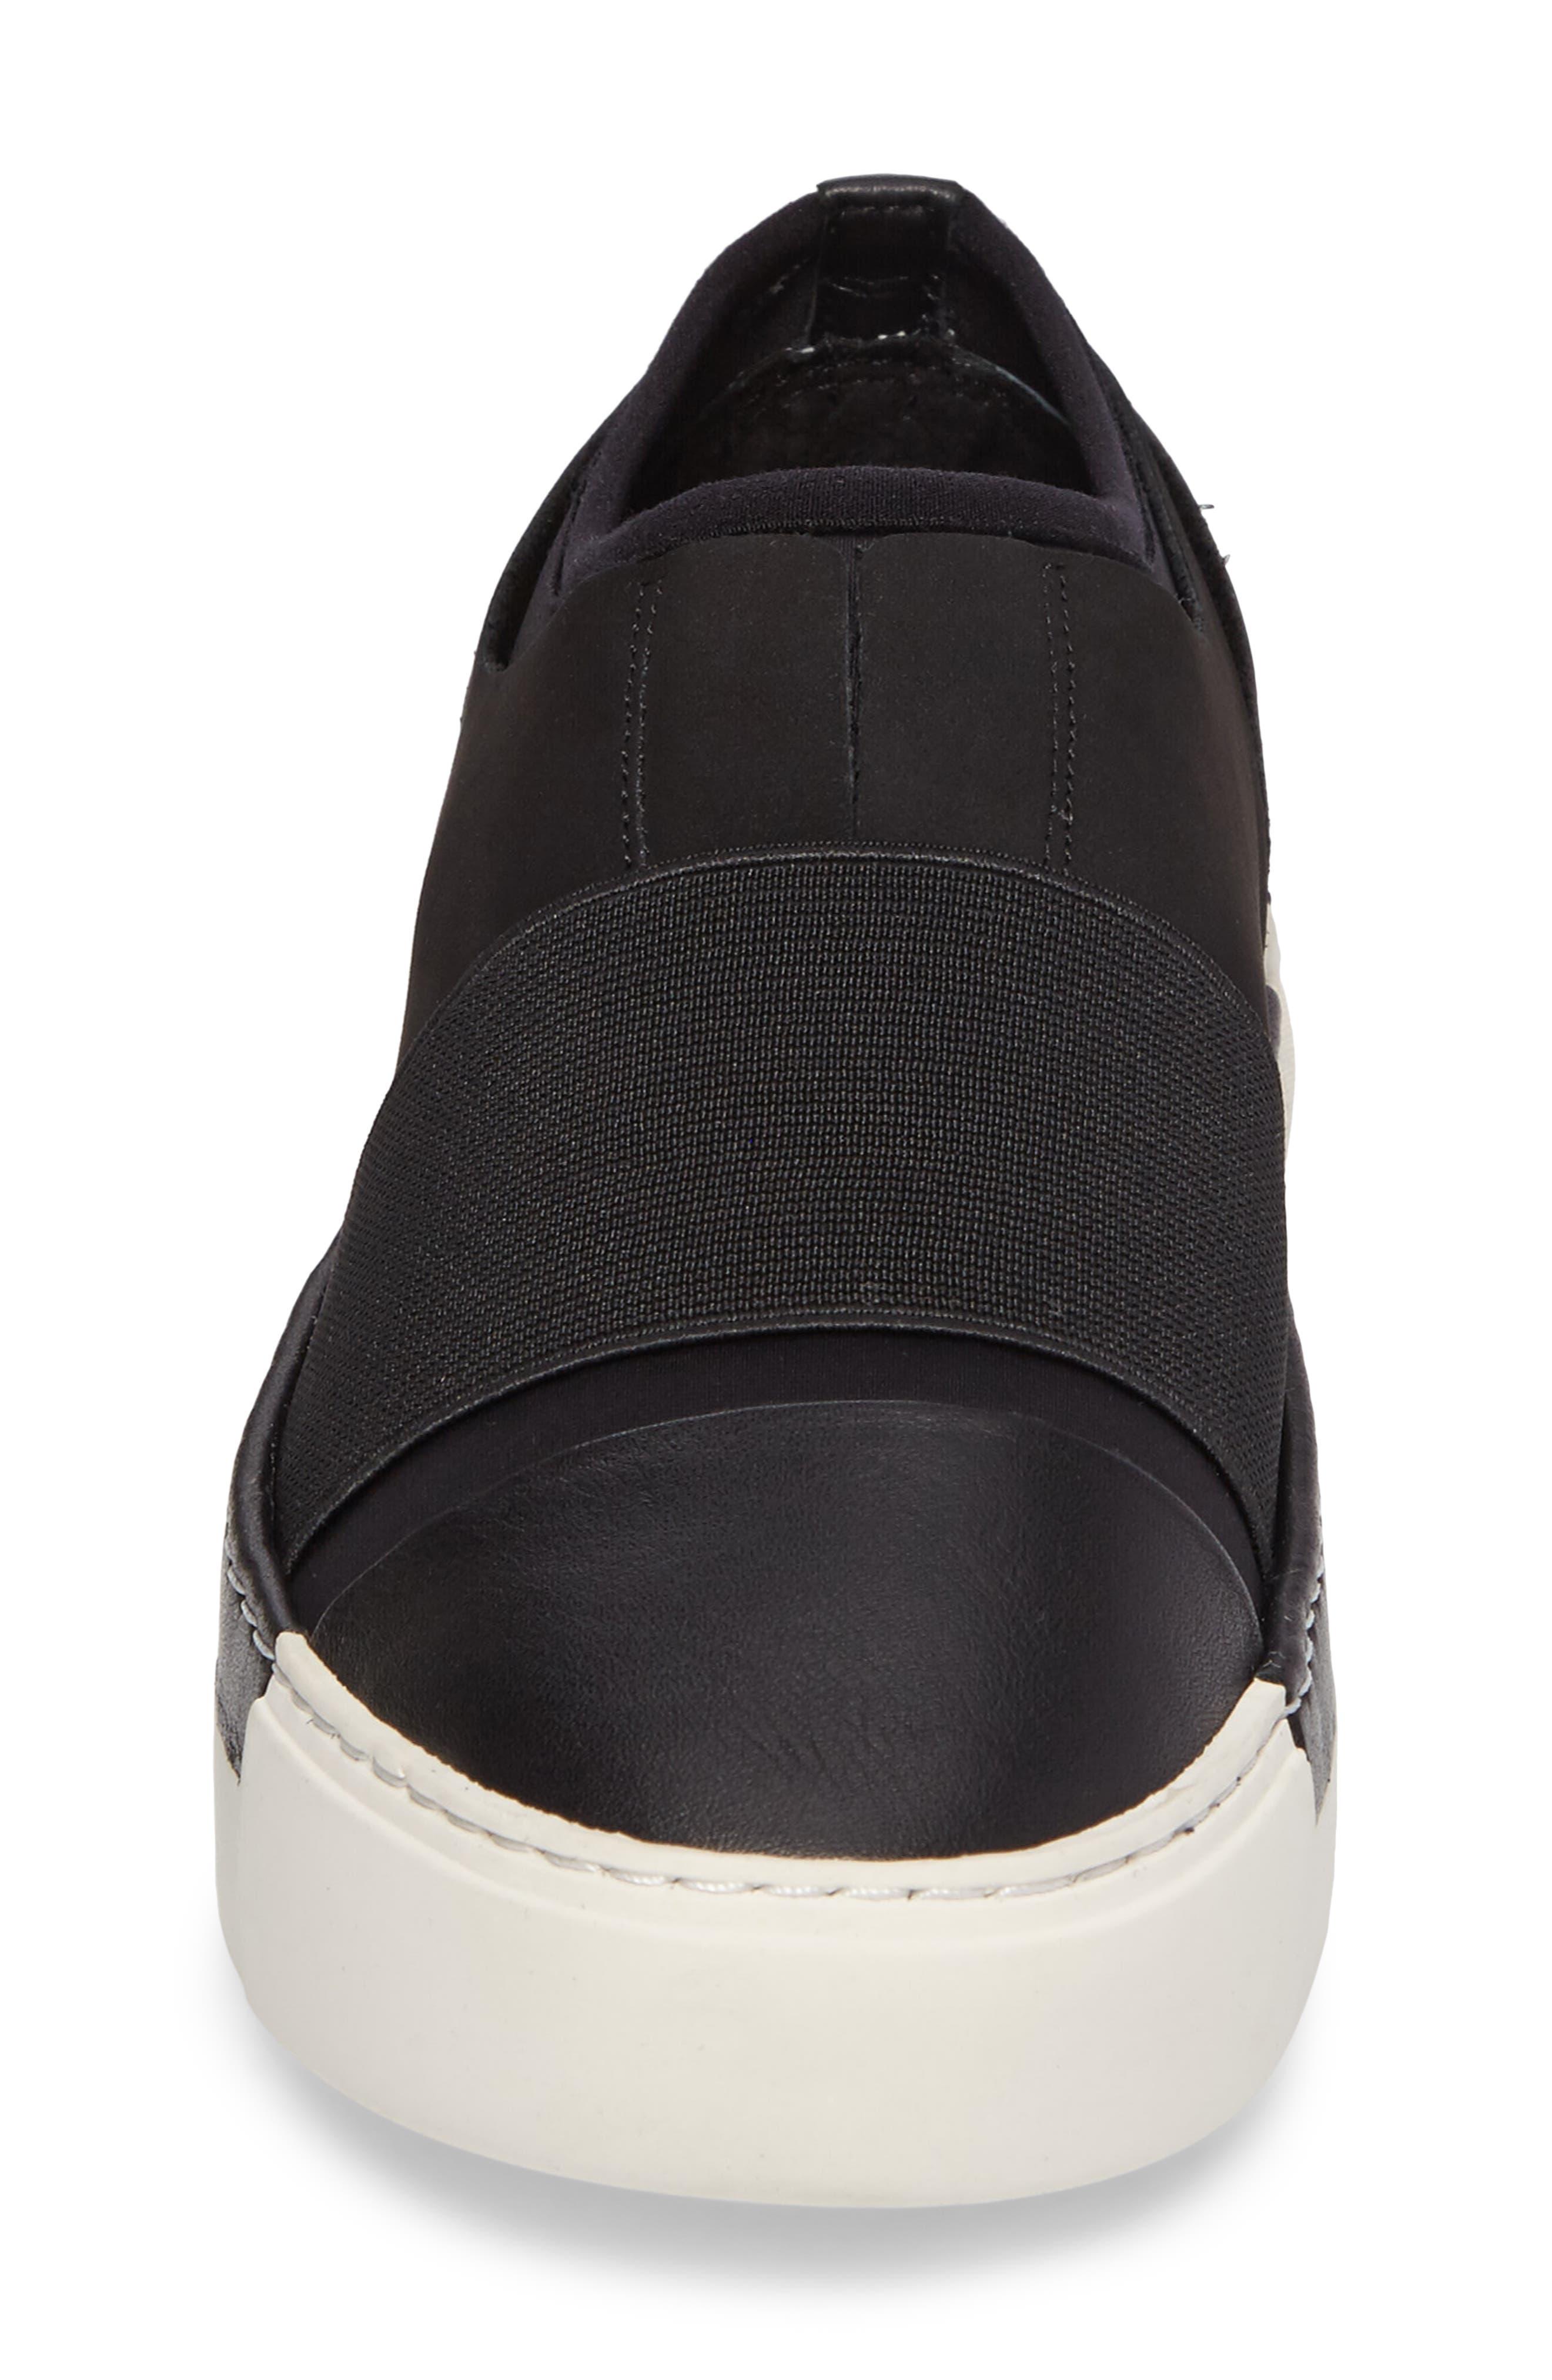 Voila Slip-On Sneaker,                             Alternate thumbnail 4, color,                             015